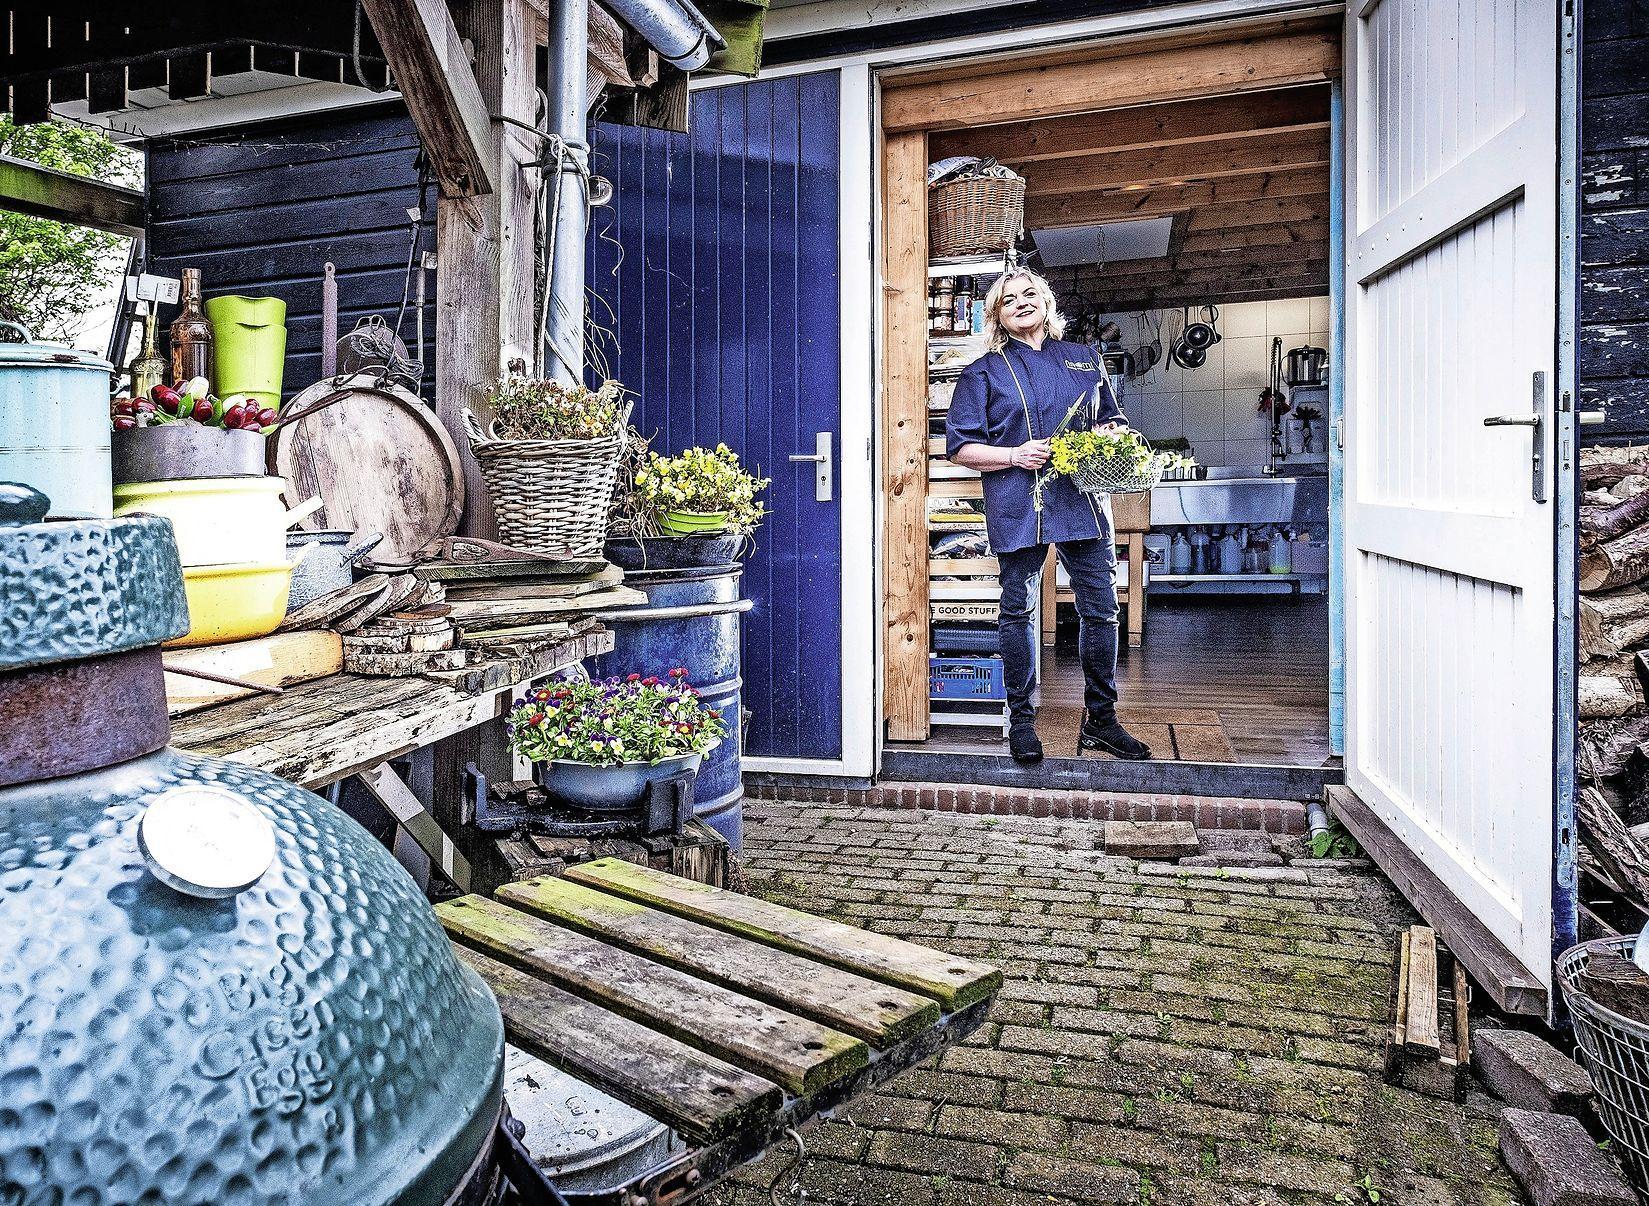 Country Home Cooking in Graft brengt kleur, geur en vrolijkheid | Over de Tong Thuis